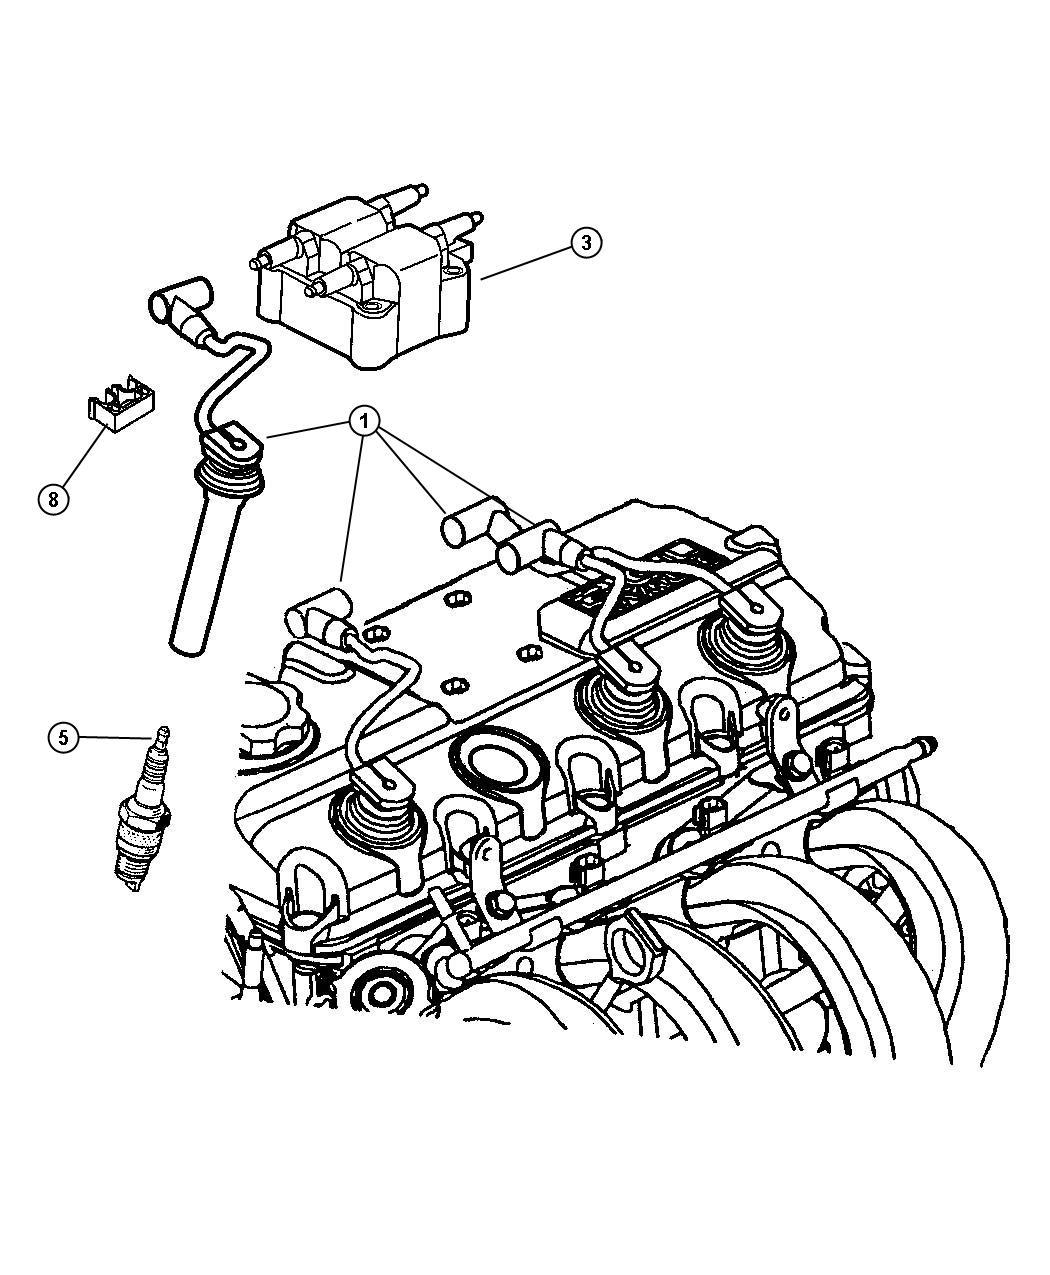 Dodge Neon Spark Plug Rc 9 Mcc Sparkplugs